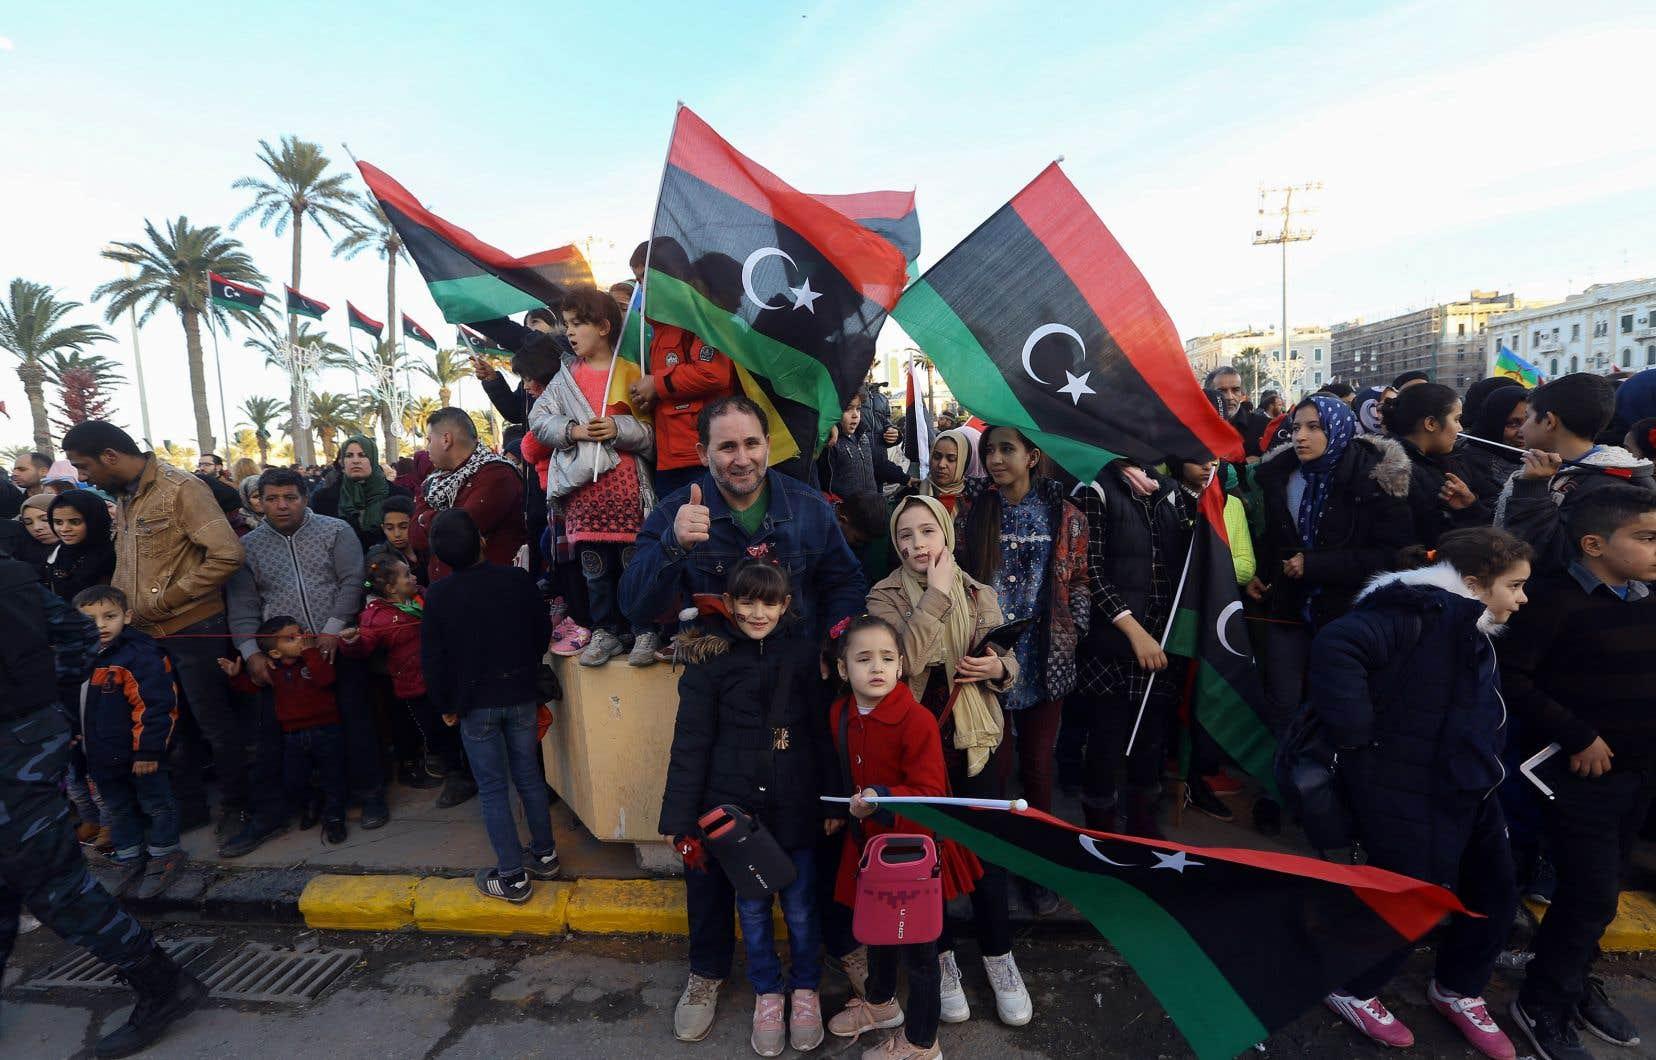 À Tripoli, sur la place des martyrs, des milliers de Libyens se sont rassemblés arborant le drapeau national, rouge, vert et noir.